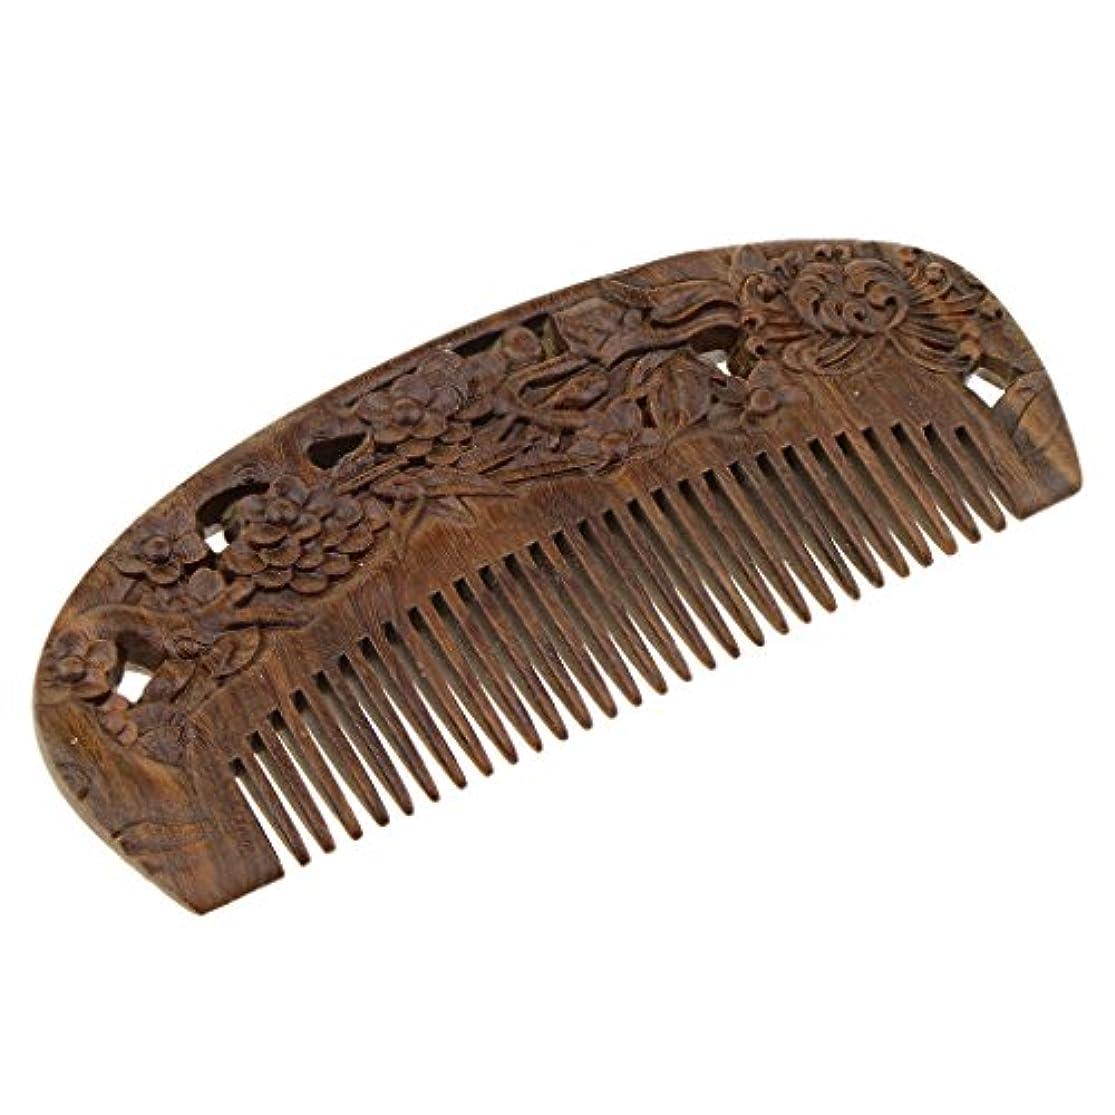 入力プレゼン従事したヘアコーム 木製櫛 頭皮マッサージ 櫛 プレゼント レトロ イプ選べる - #2